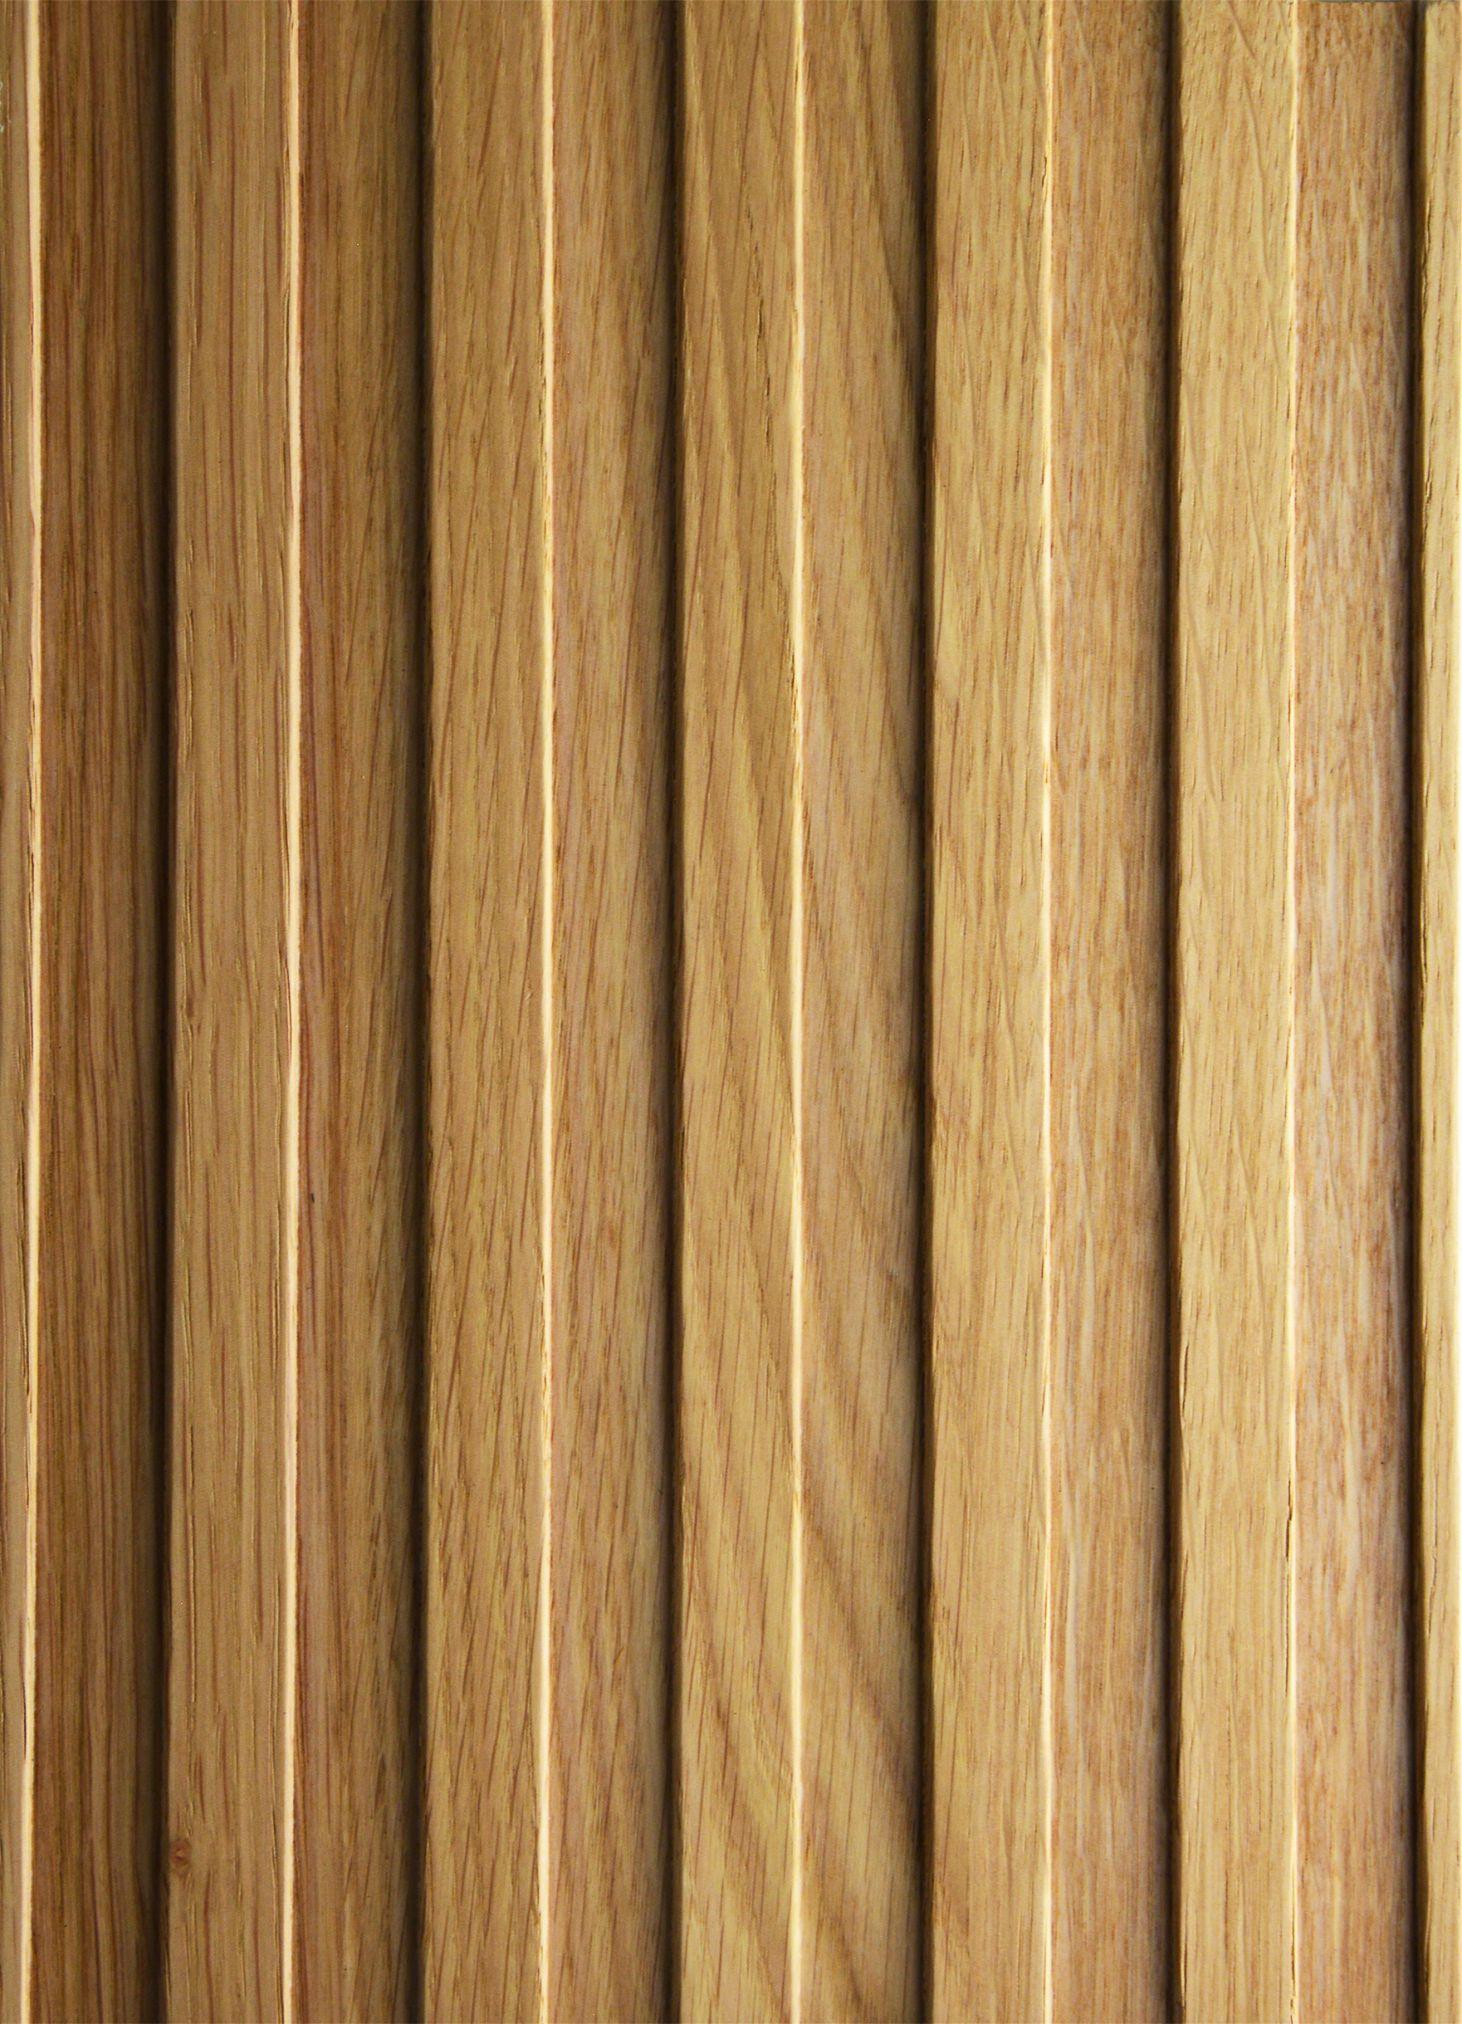 2643 - Straight - Asteiche - Echtholzfurnier